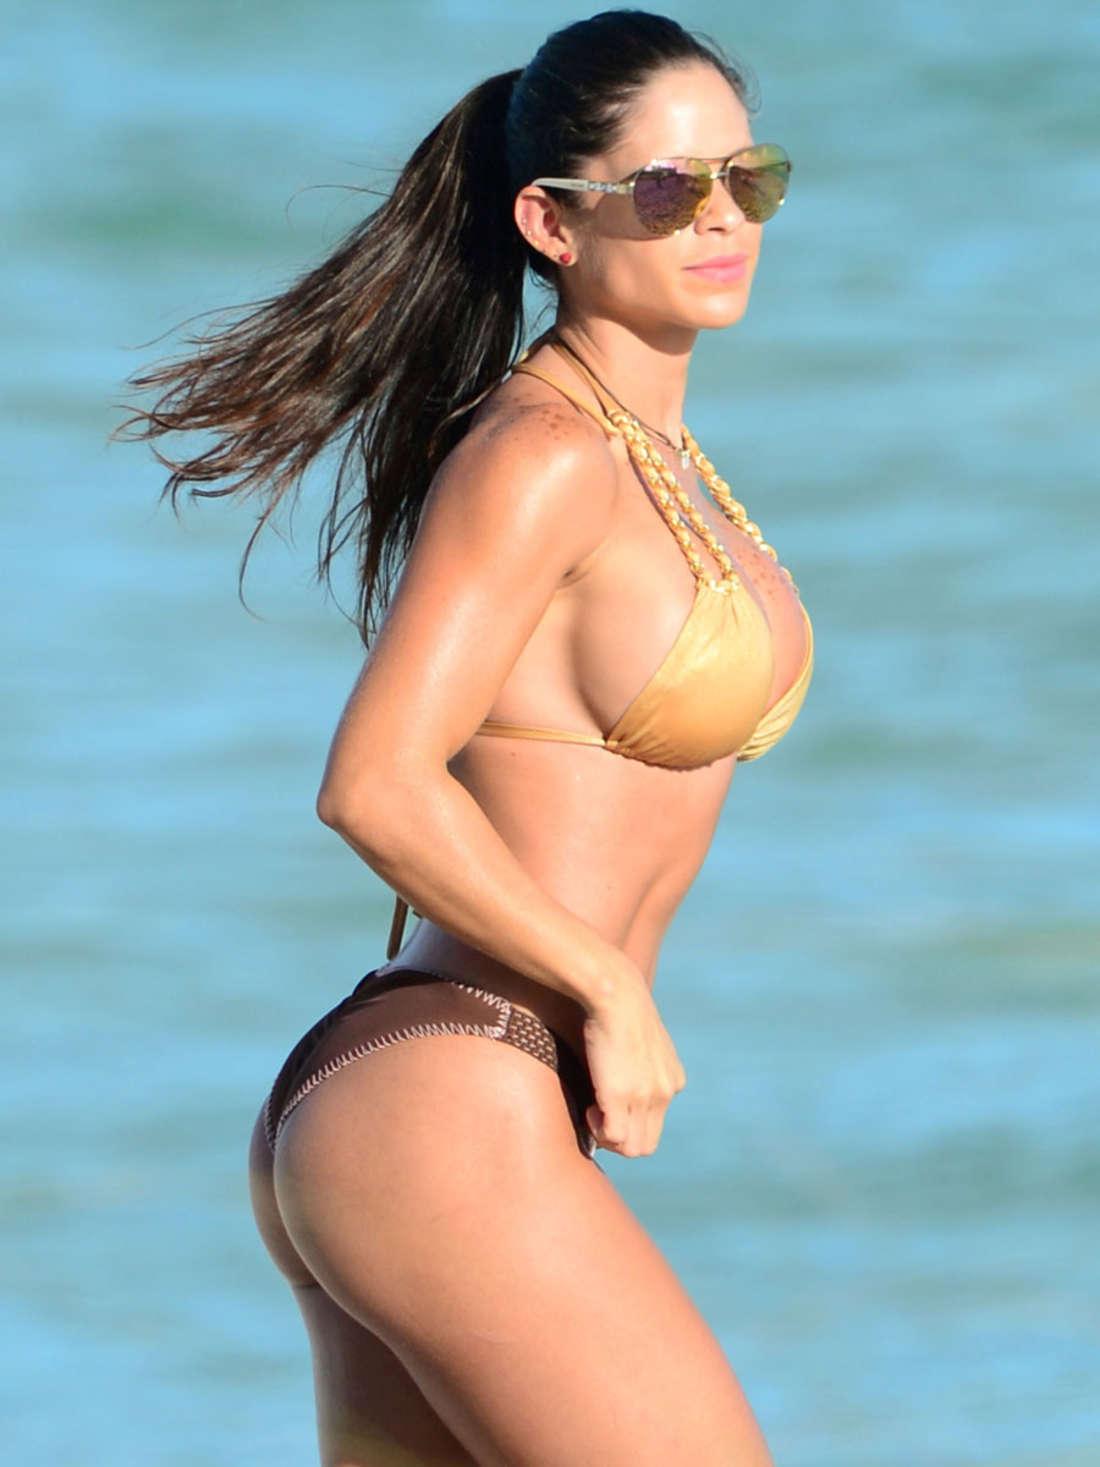 Michelle Lewin Hot in Bikini in Miami